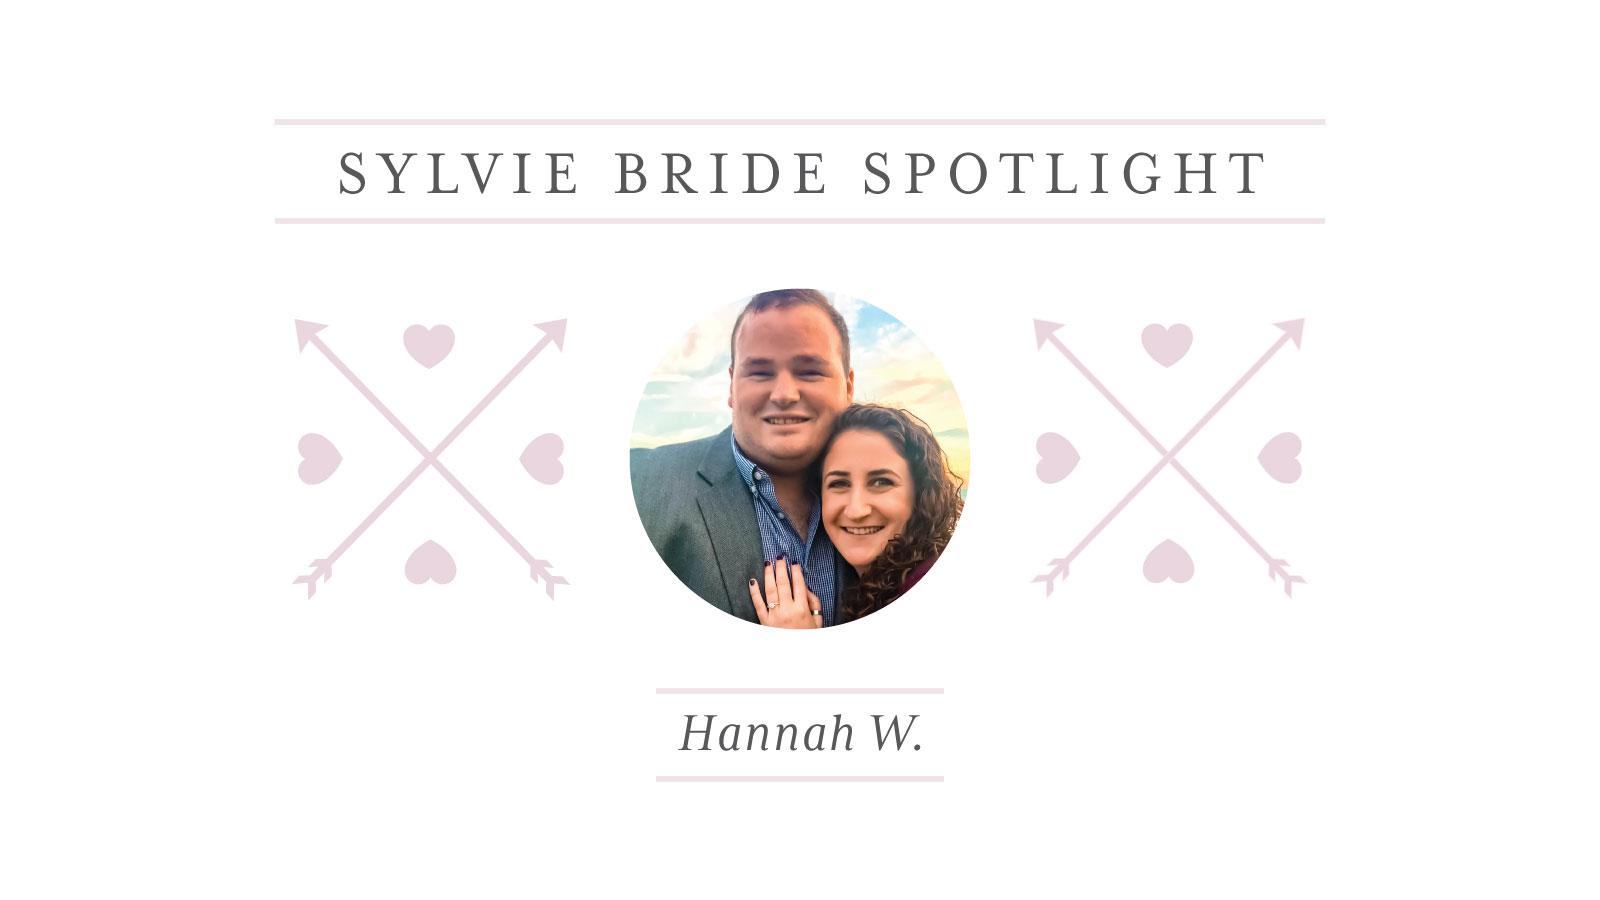 Sylvie Bride Spotlight - Hannah W